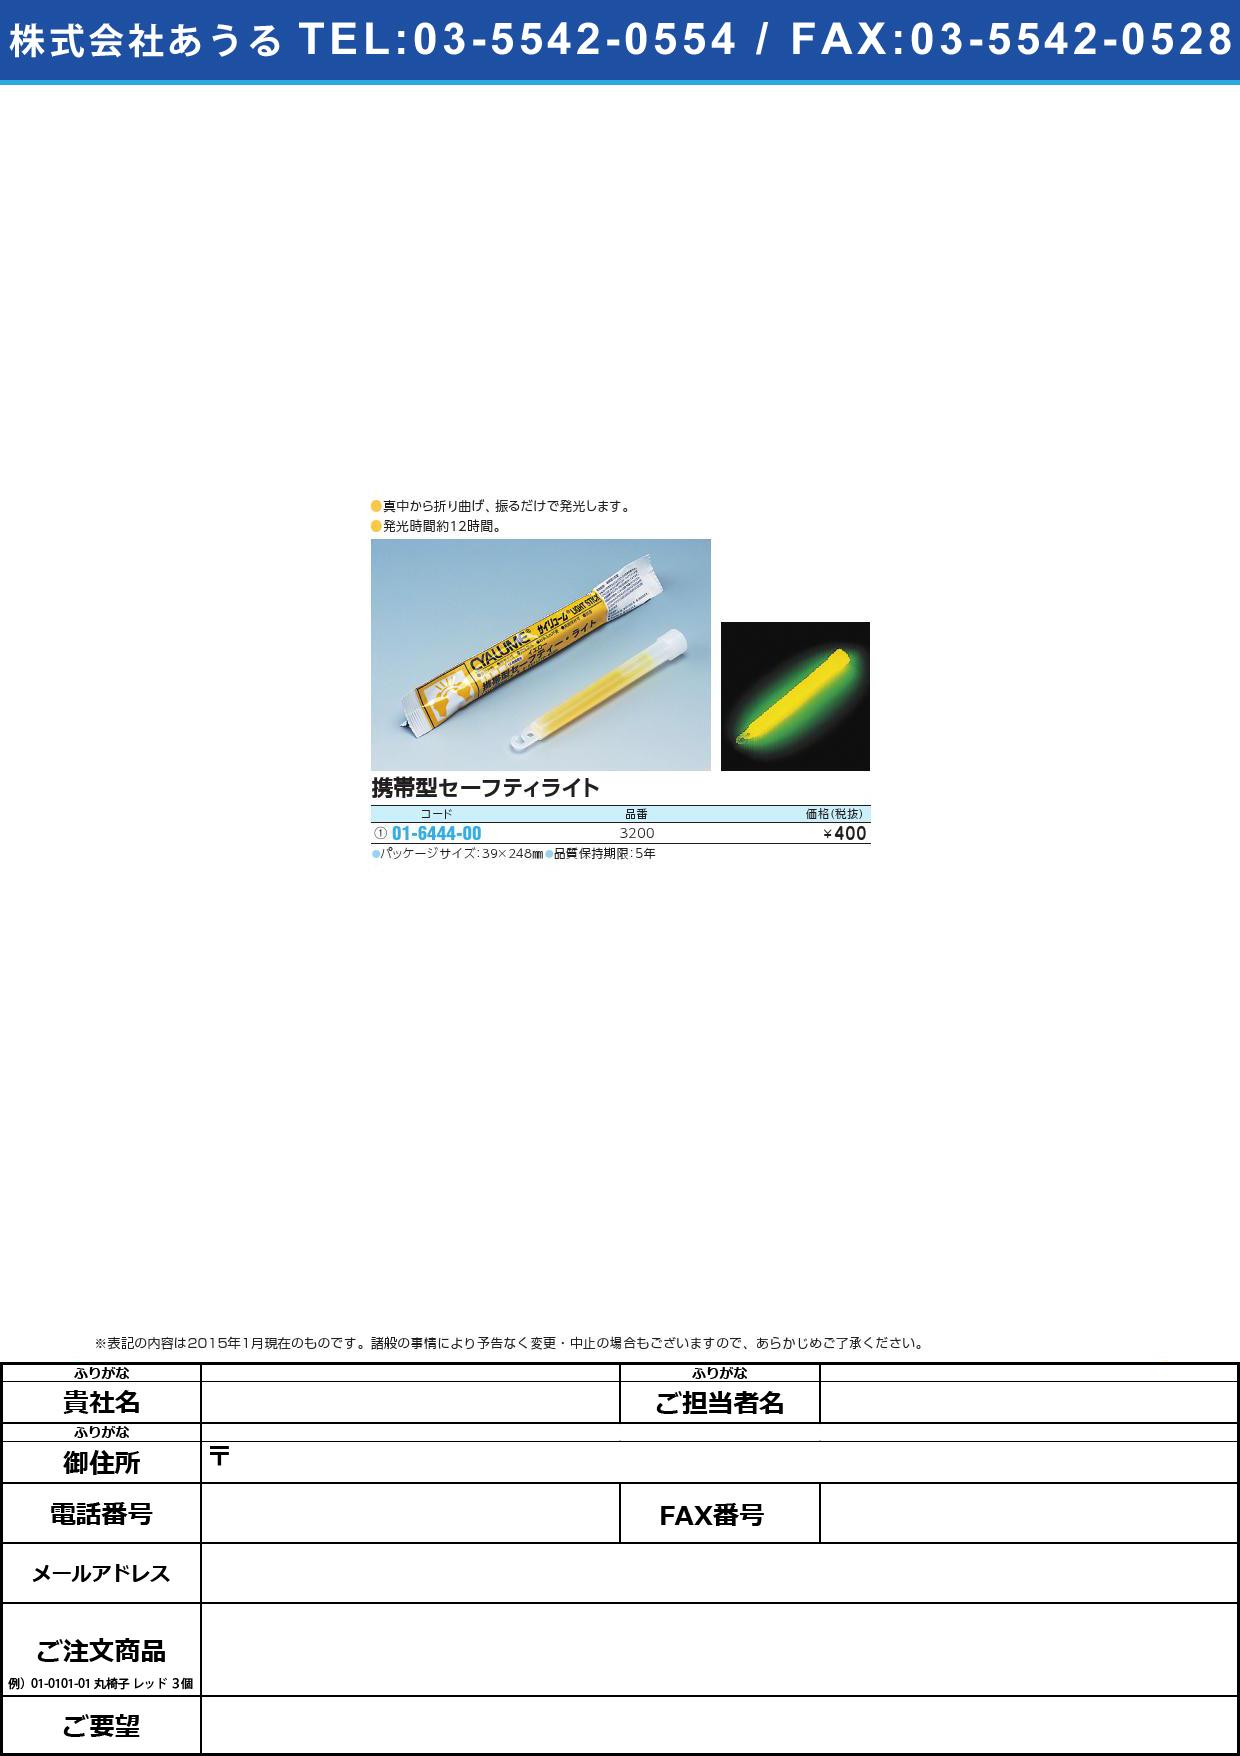 携帯型セーフティライト ケイタイガタセーフティライト 3200【1個単位】(01-6444-00)